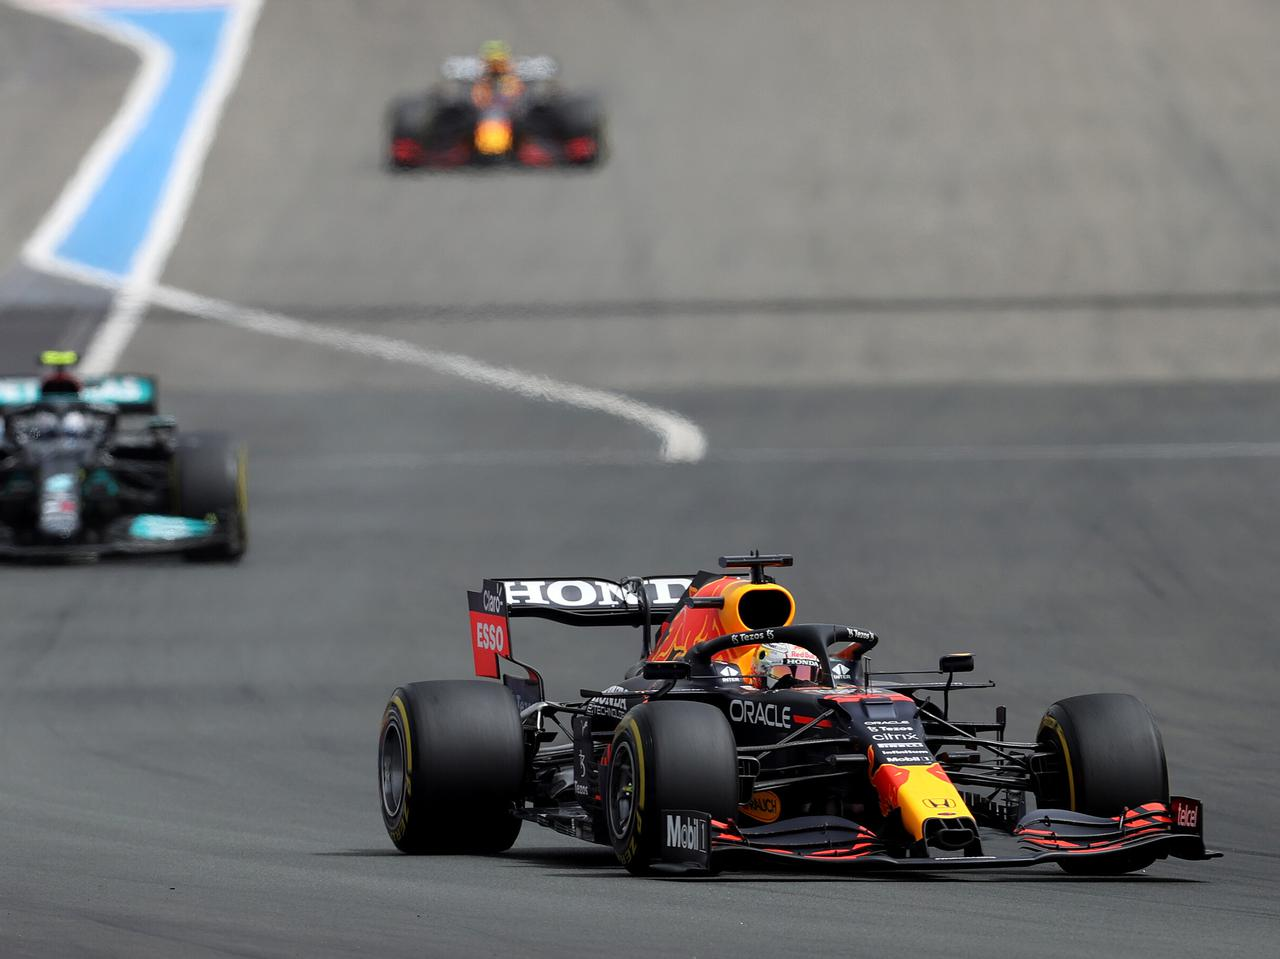 2021年F1第7戦、レッドブル・ホンダの2台が最終盤の劇的逆転でポイント差をさらに拡大【フランスGP】